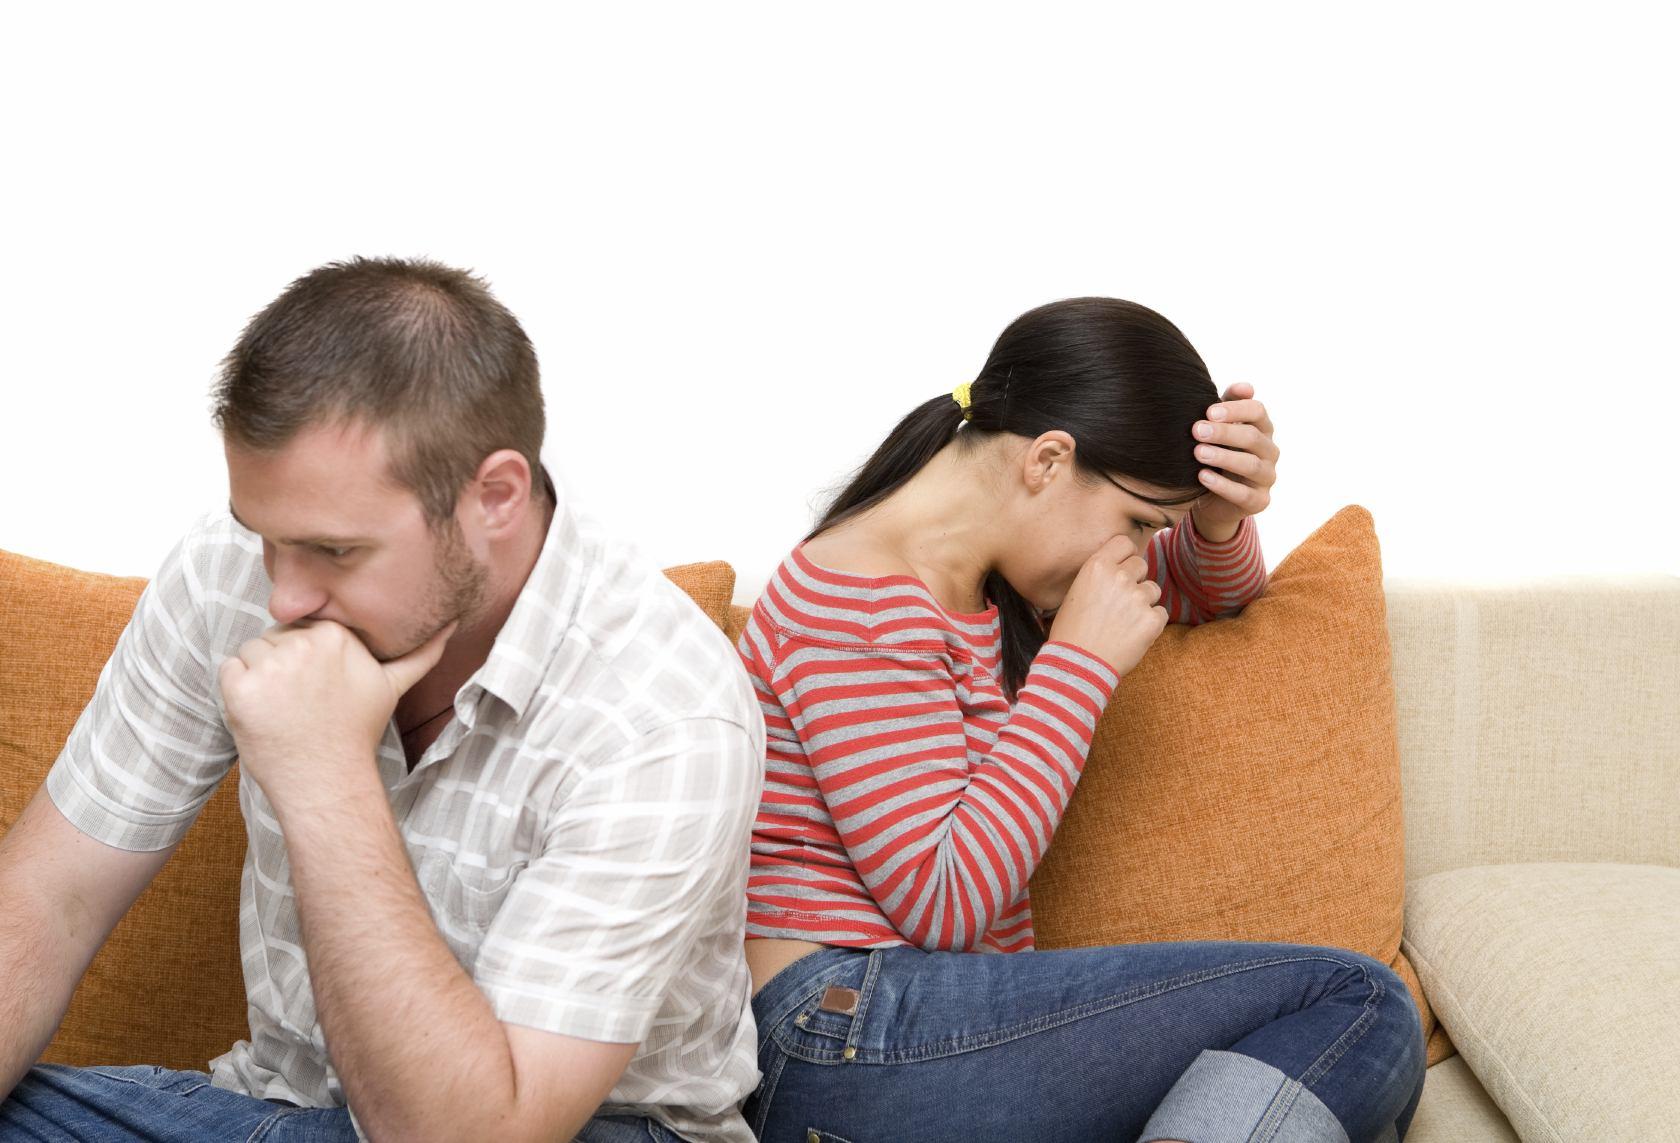 بالصور اسباب فشل الزواج , اهم اسباب تؤدي الي الطلاق 966